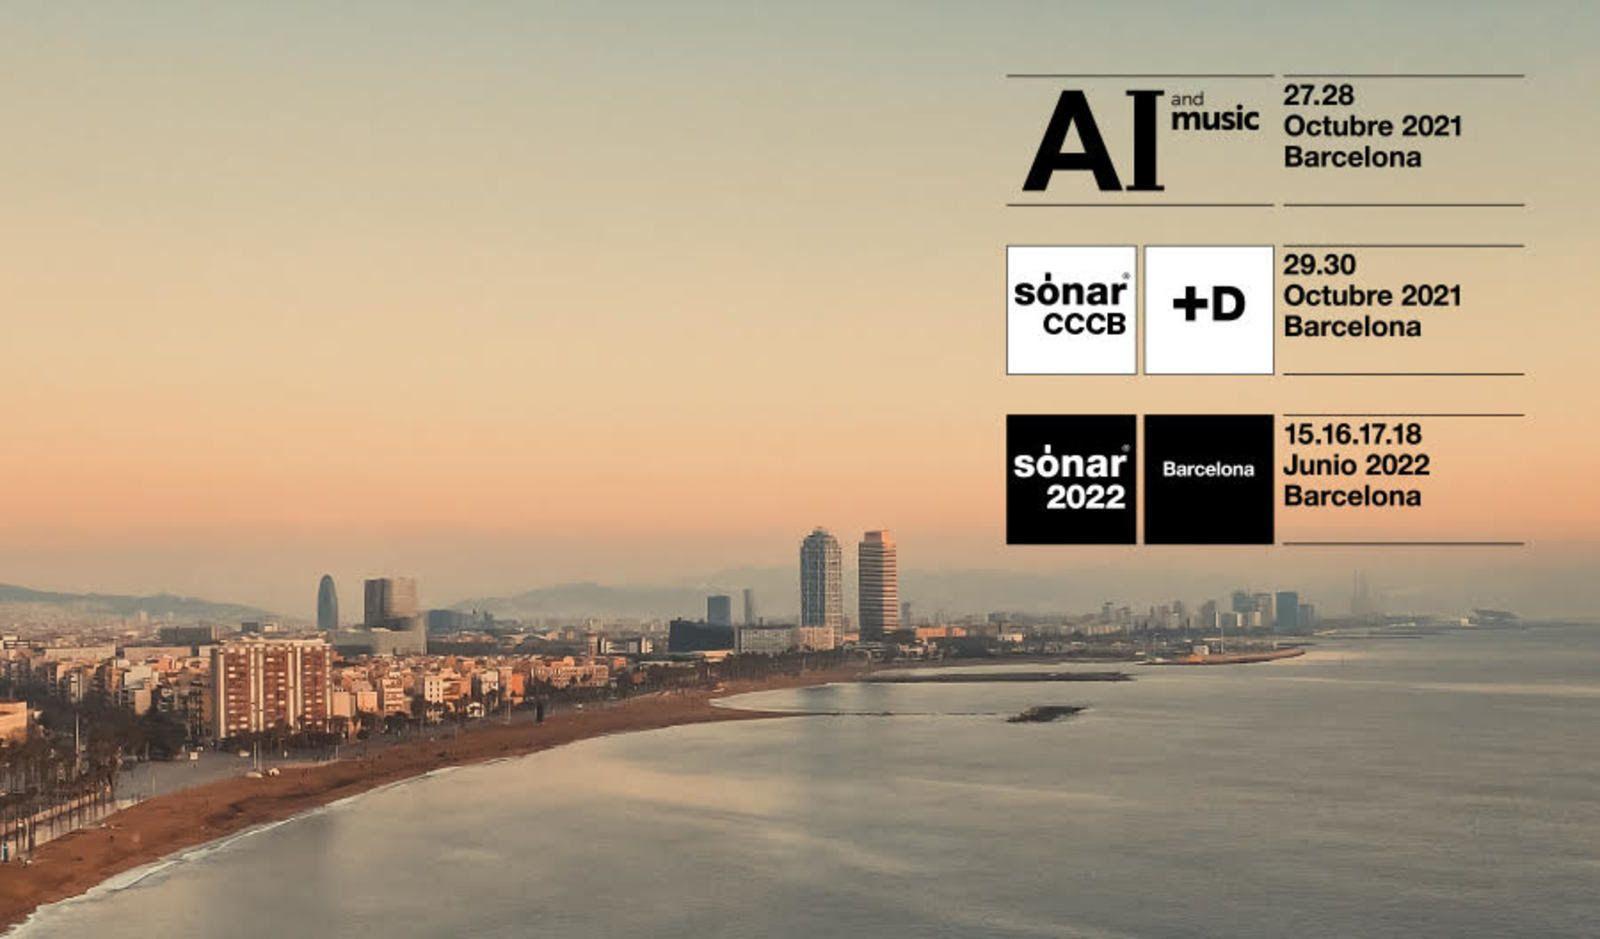 Sónar pospone su edición a 2022 y anuncia eventos presenciales para este año